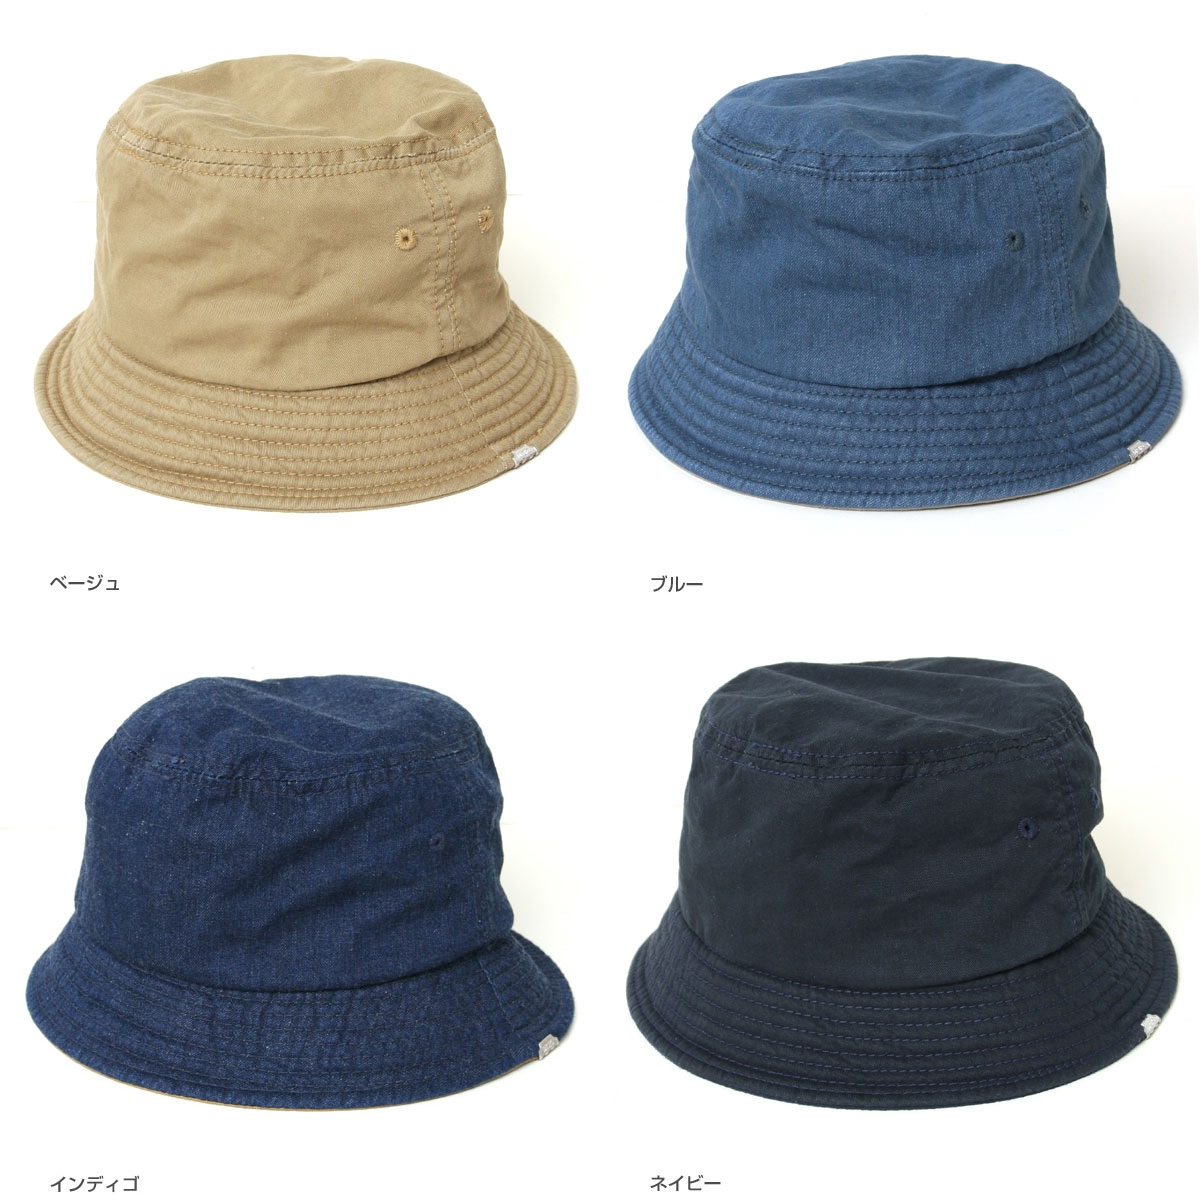 デコー バケットハット DECHO BUCKET HAT D-05 D-5 帽子